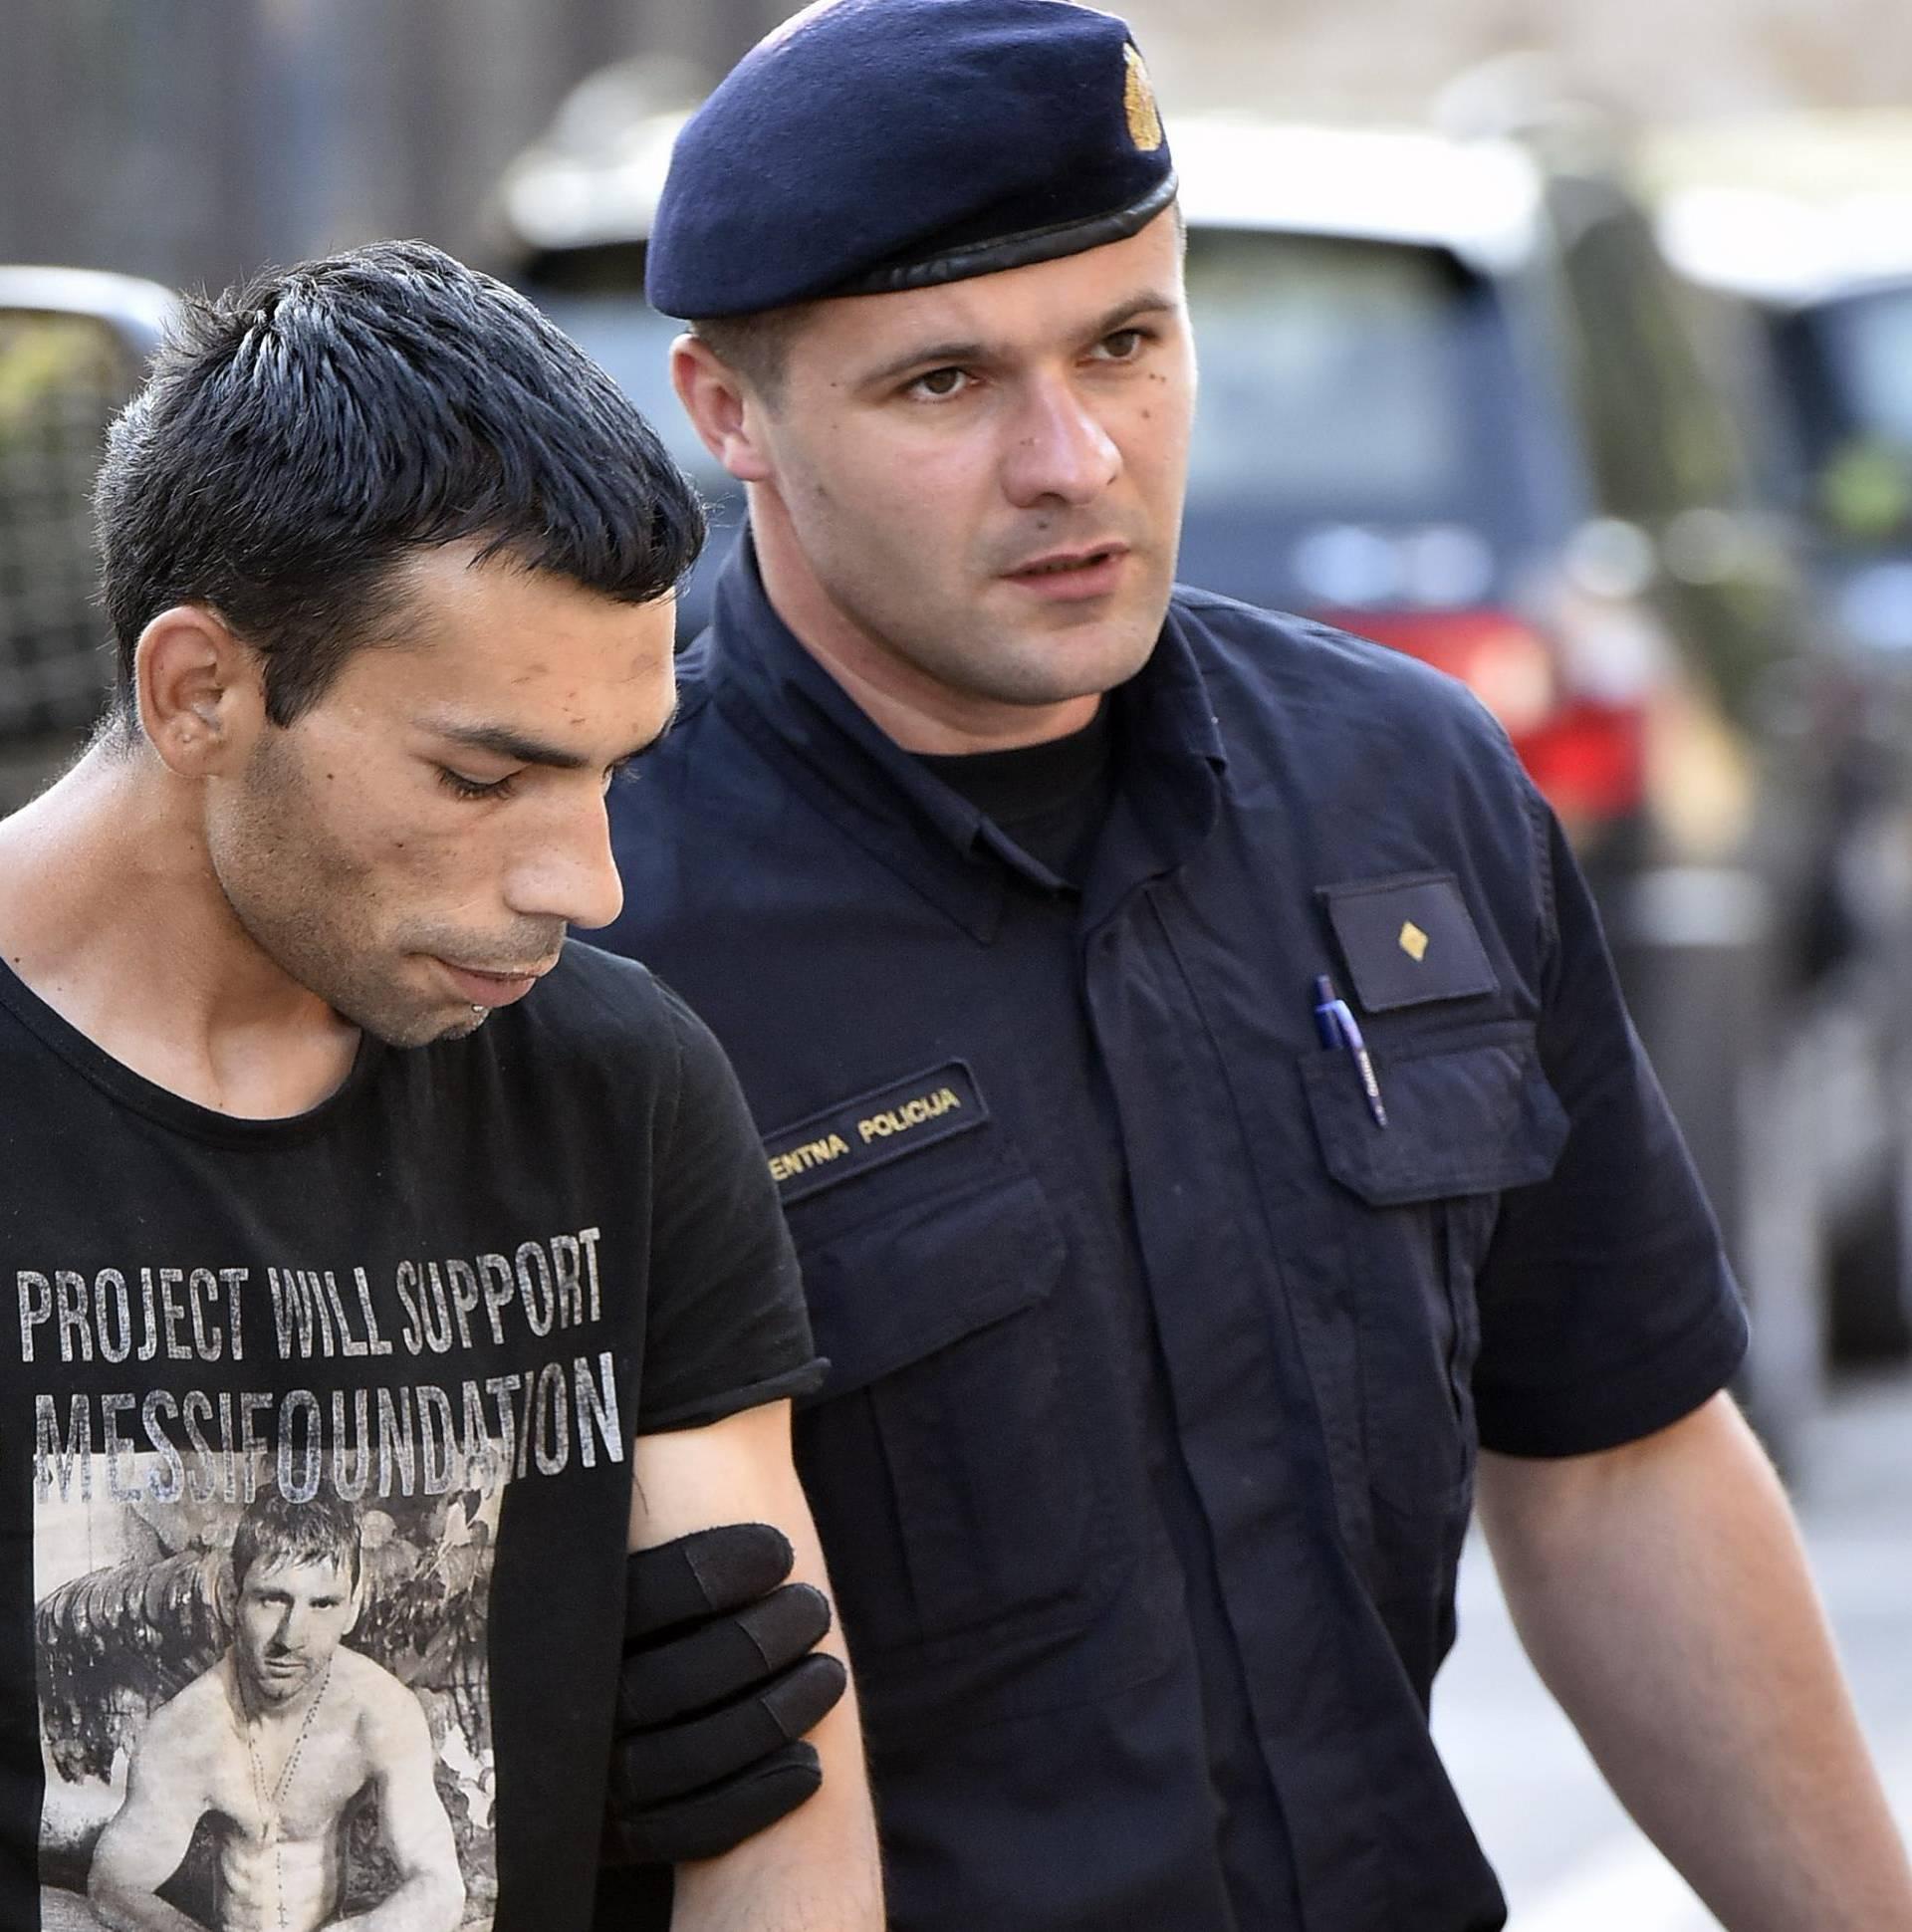 Ubojstvo potreslo Hrvatsku: Curica (14) ostaje u pritvoru